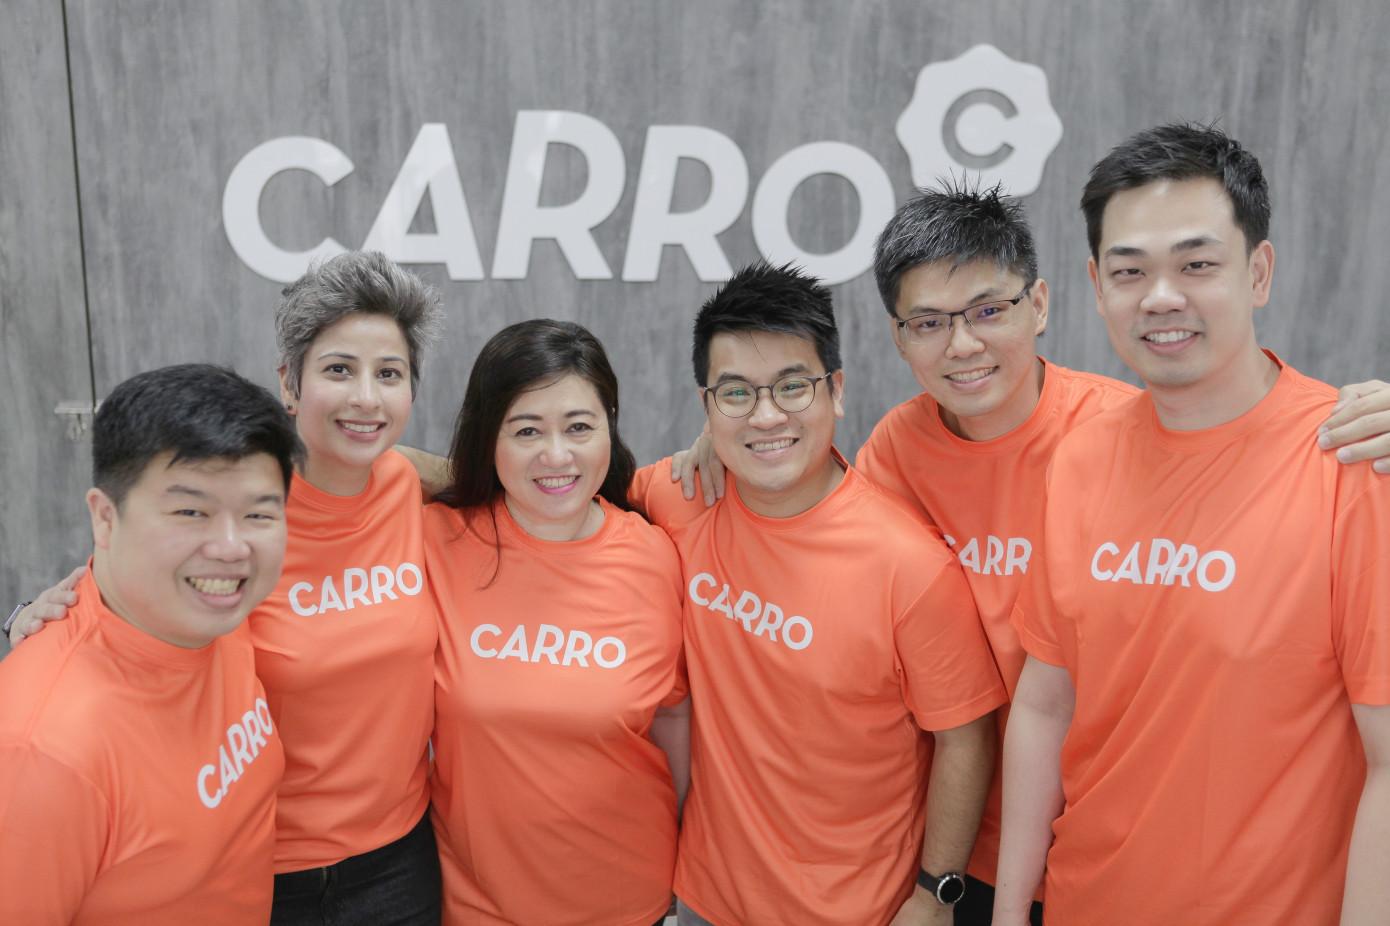 汽车市场Carro收购了印度尼西亚的Jualo将B系列扩展至9000万美元